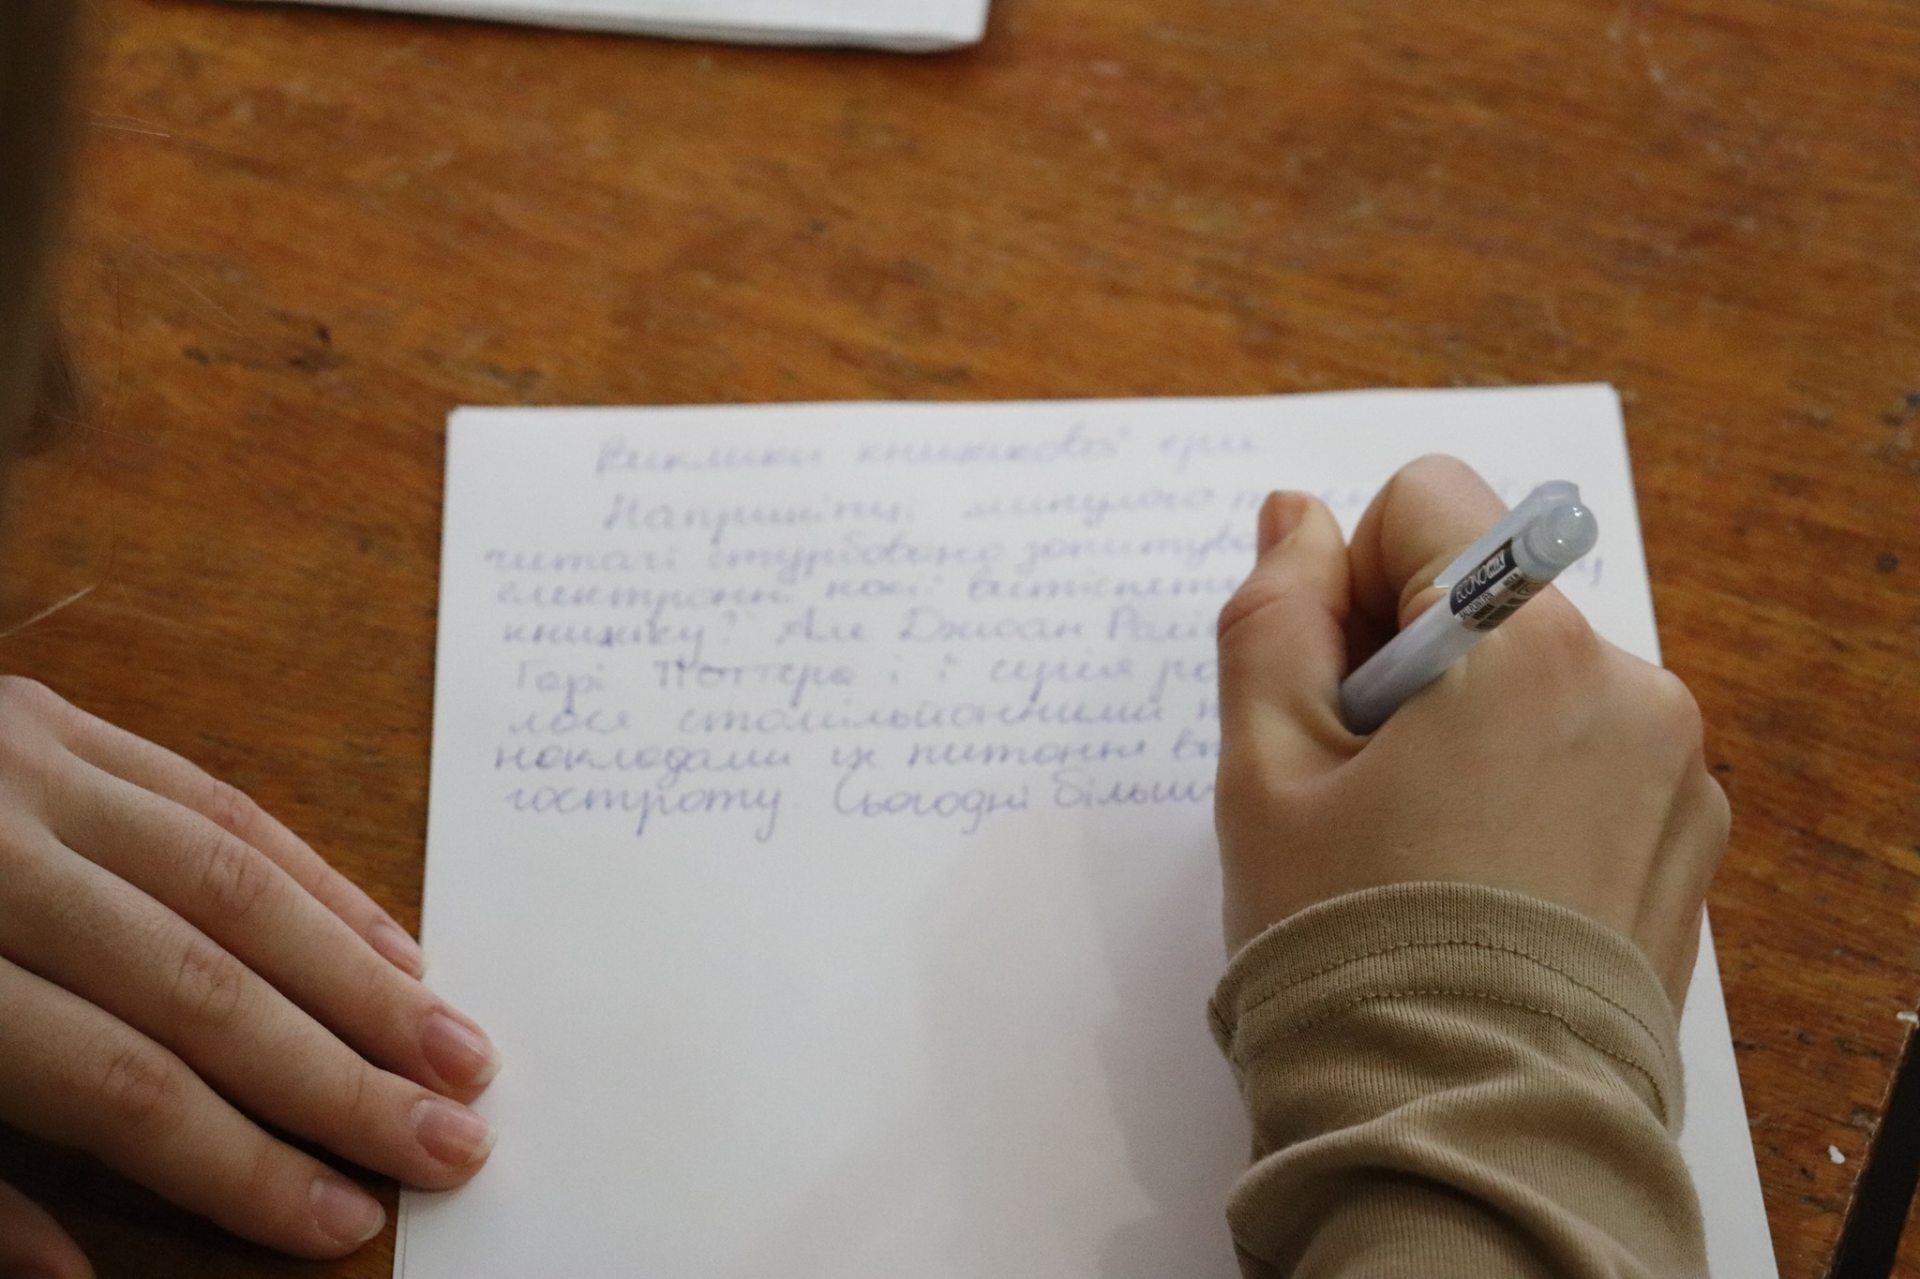 Херсонський держуніверситет долучився до написання ювілейного ХХ Всеукраїнського радіодиктанту